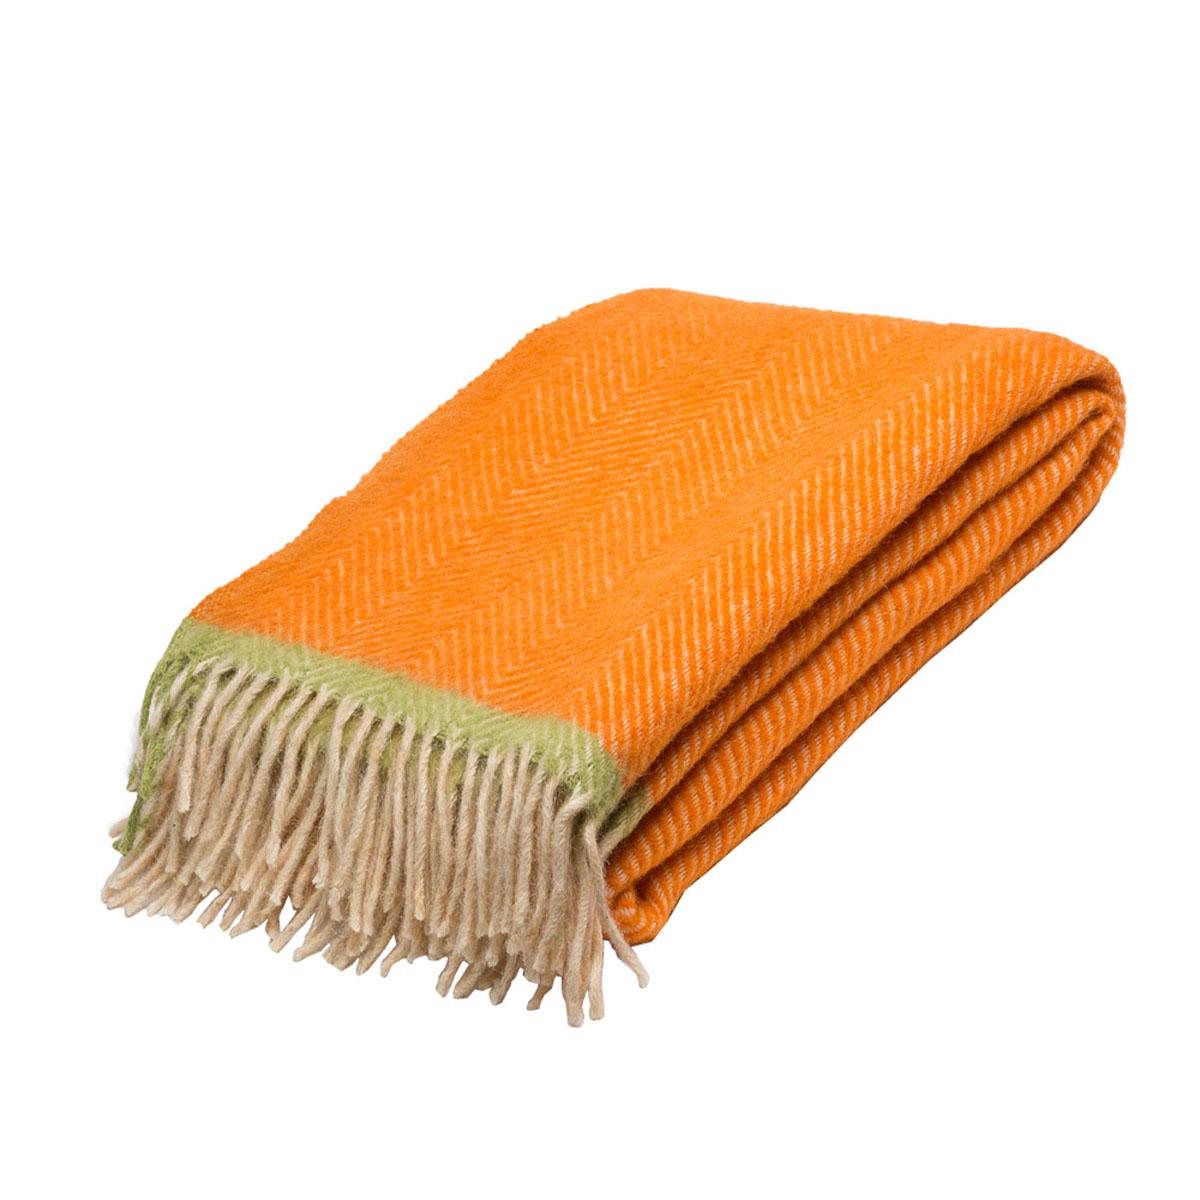 Плед Руно Mone, цвет: оранжевый, светло-бежевый, 140 х 200 см. 1-541-140 (08)1788/CHAR007Плед Руно Mone гармонично впишется в интерьер вашего дома и создаст атмосферу уюта и комфорта. Чрезвычайно мягкий и теплый плед с кистями изготовлен из натуральной овечьей шерсти. Высочайшее качество материала гарантирует безопасность не только взрослых, но и самых маленьких членов семьи.Плед - это такой подарок, который будет всегда актуален, особенно для ваших родных и близких, ведь вы дарите им частичку своего тепла!